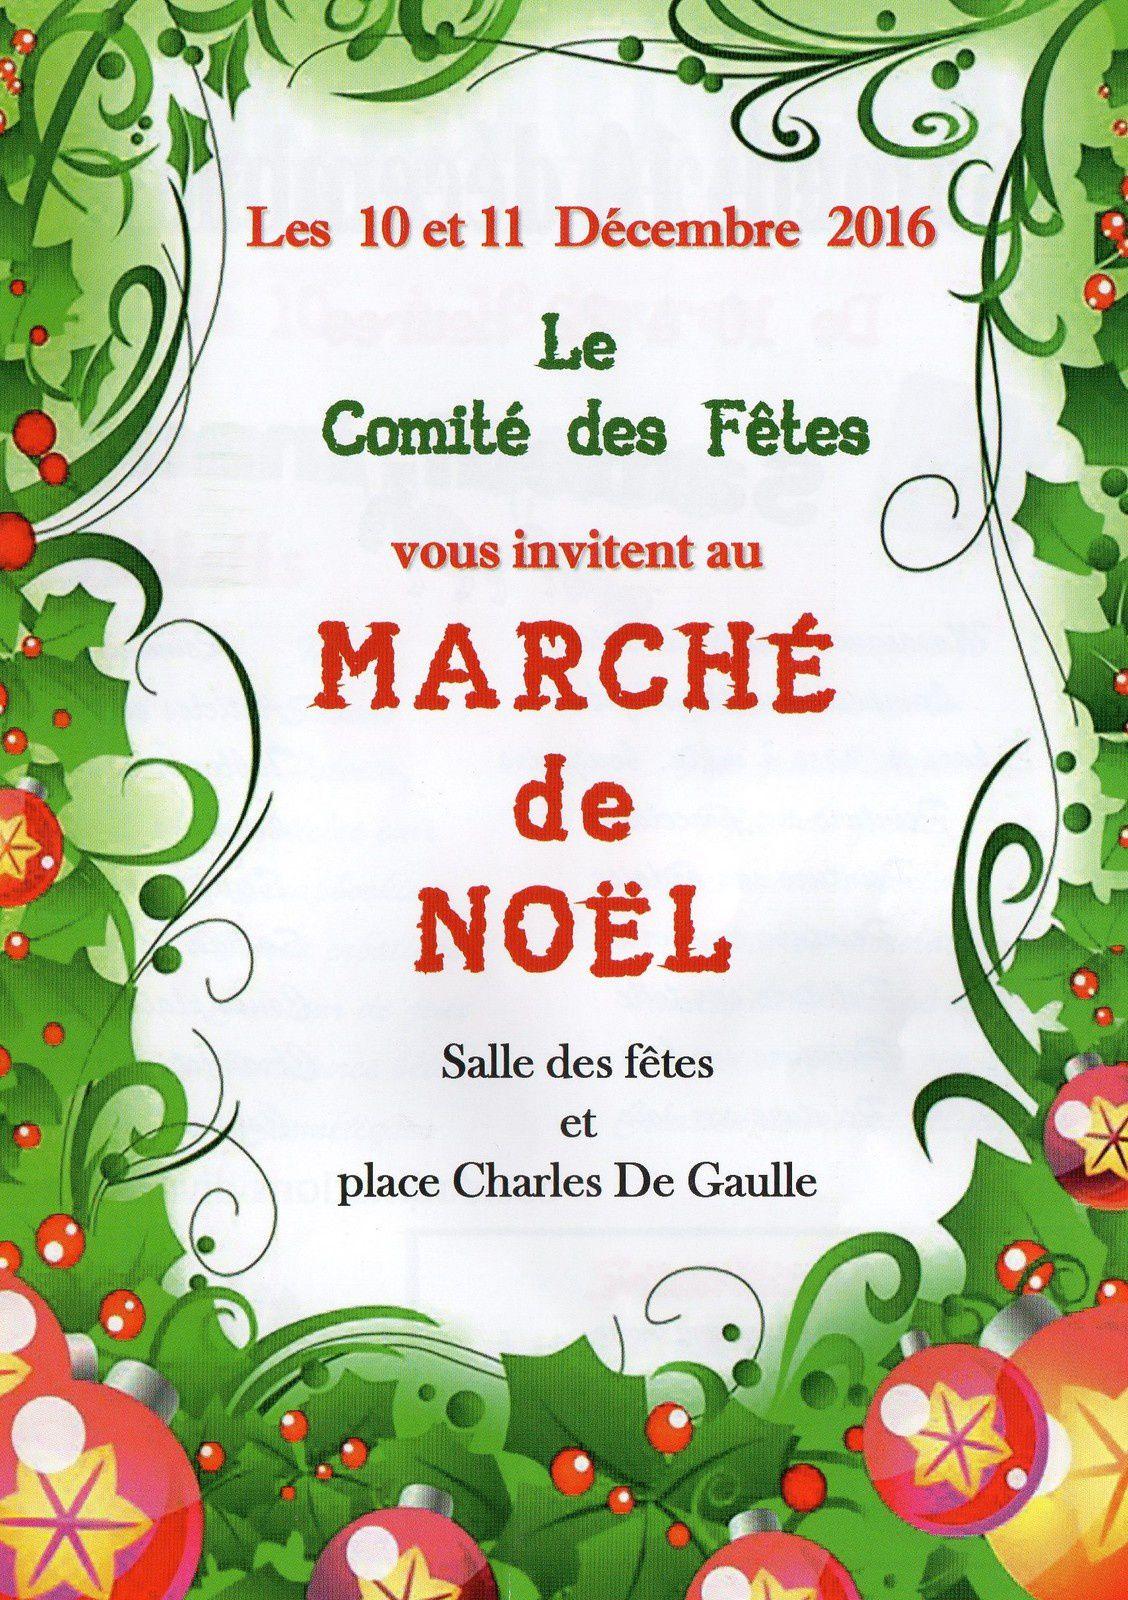 MARCHE DE NOEL                  10 et 11 DECEMBRE